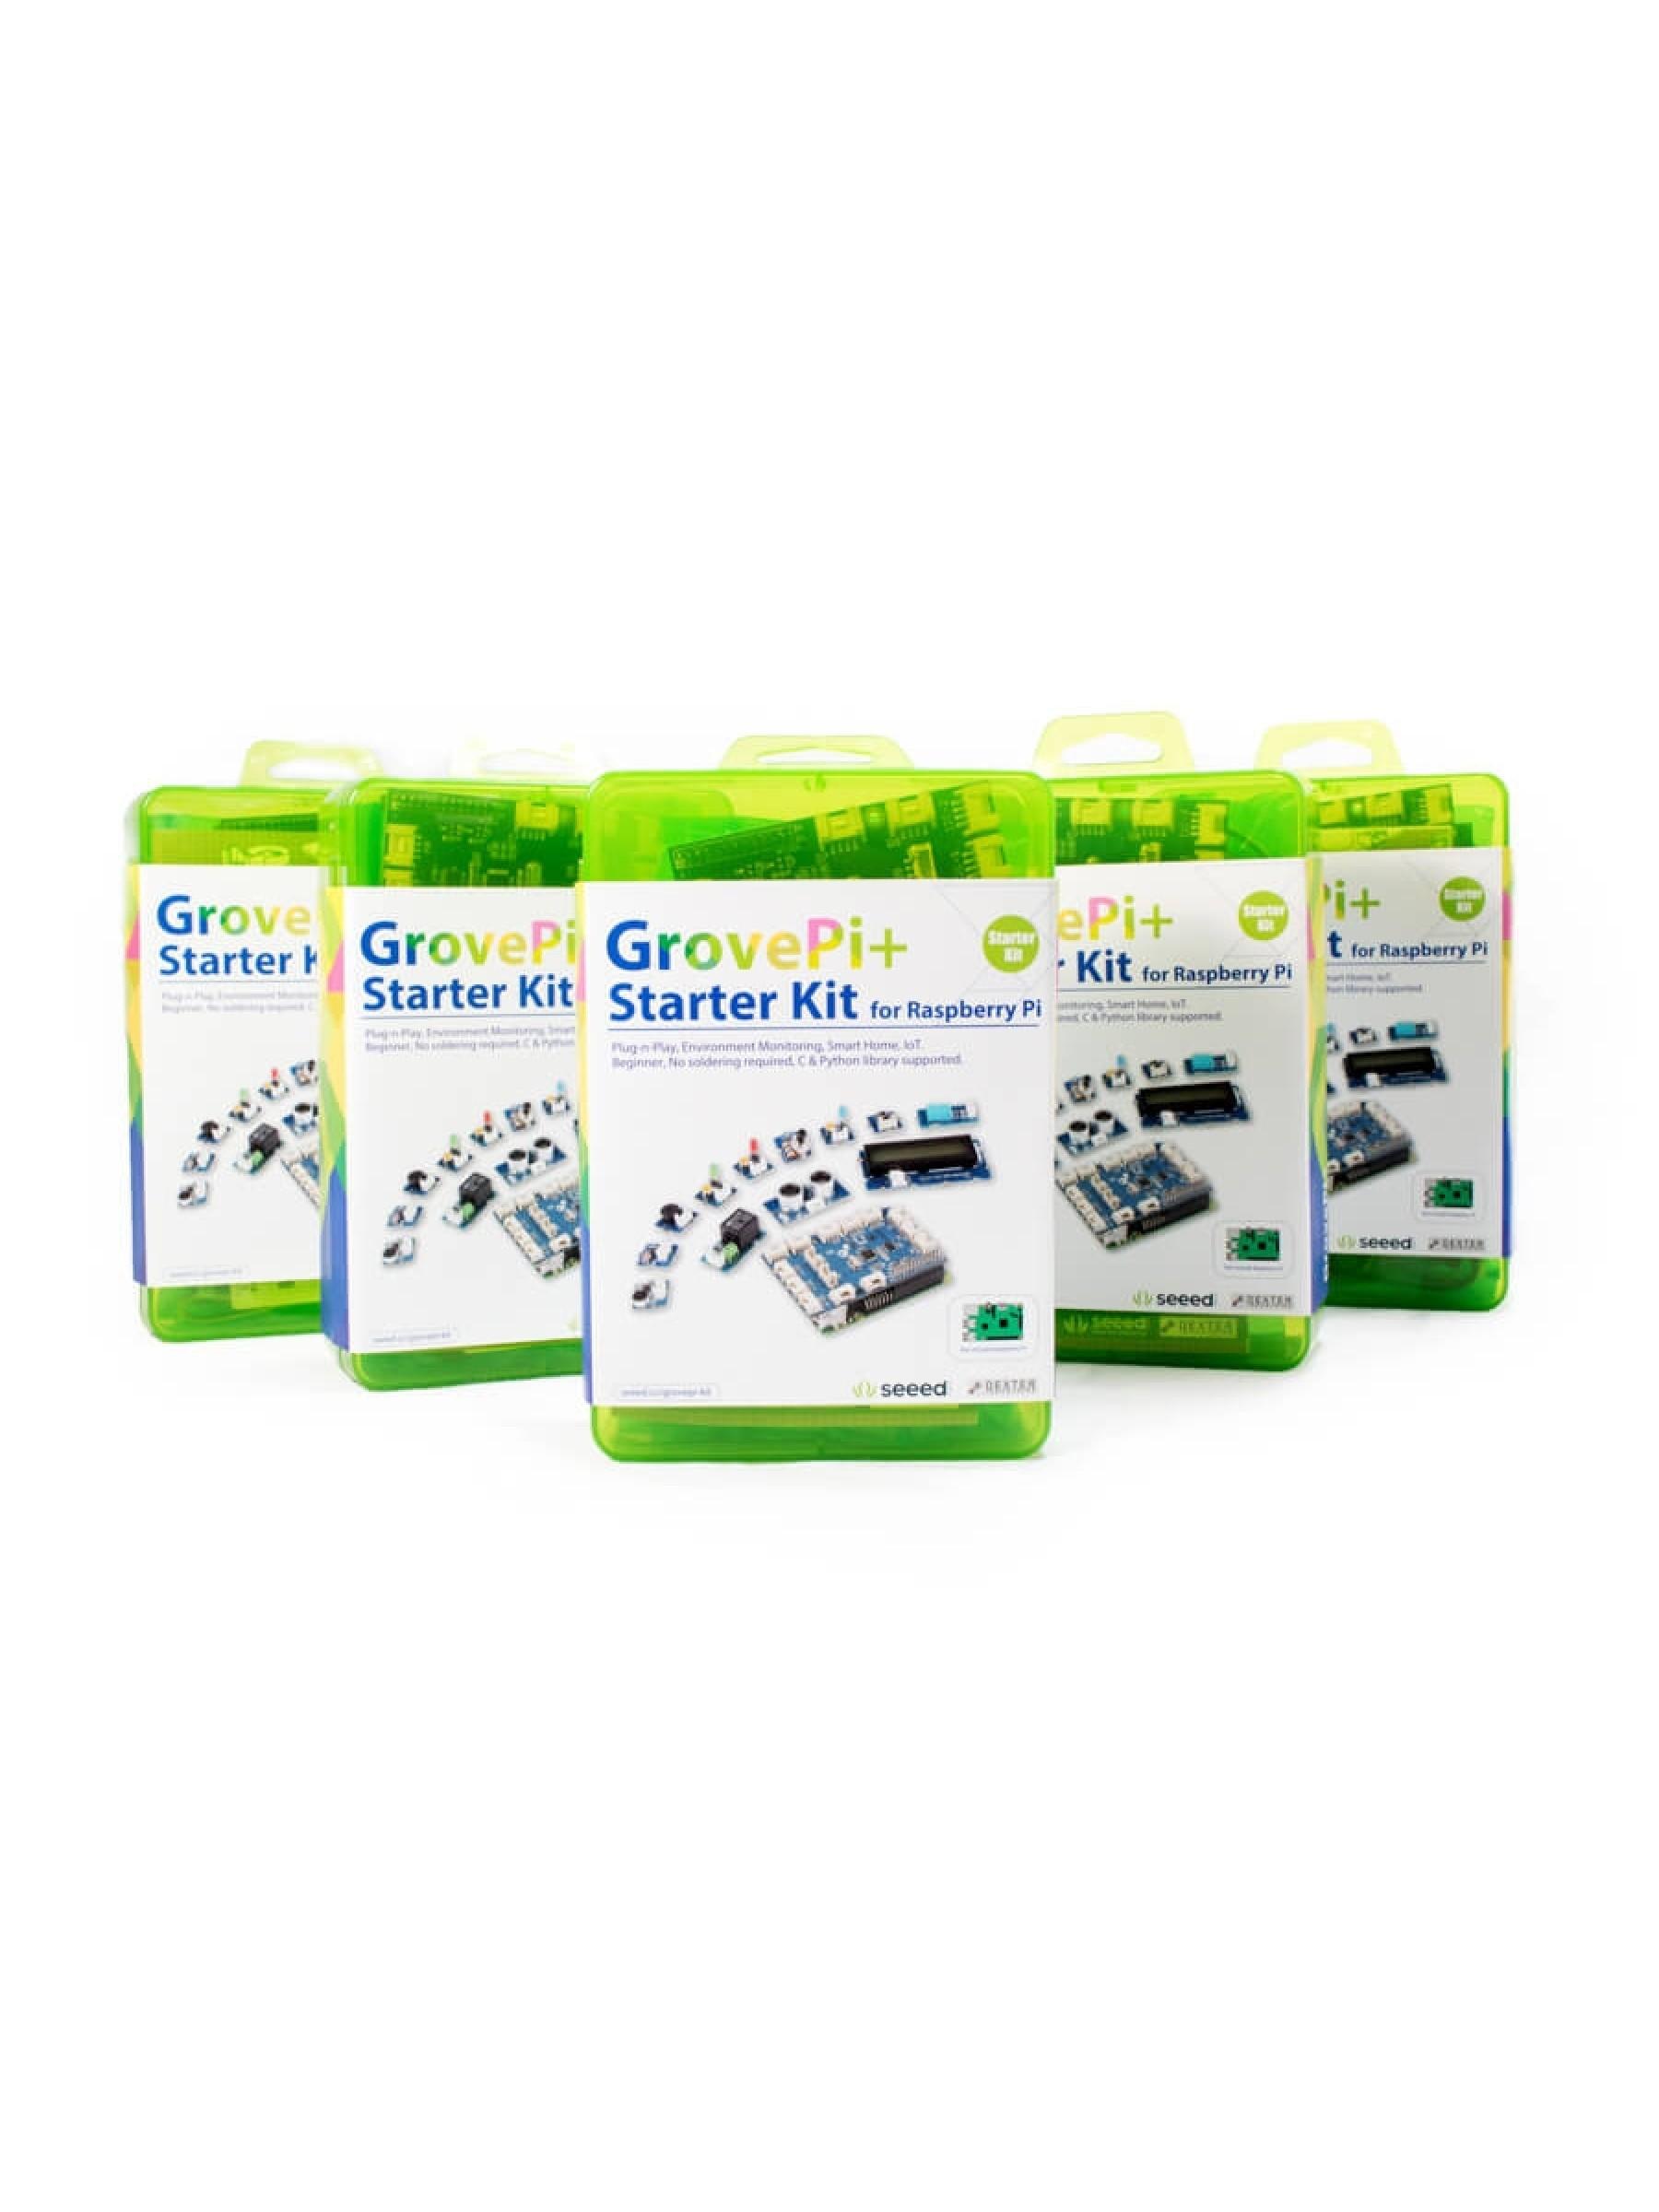 GrovePi+ Classroom Kit